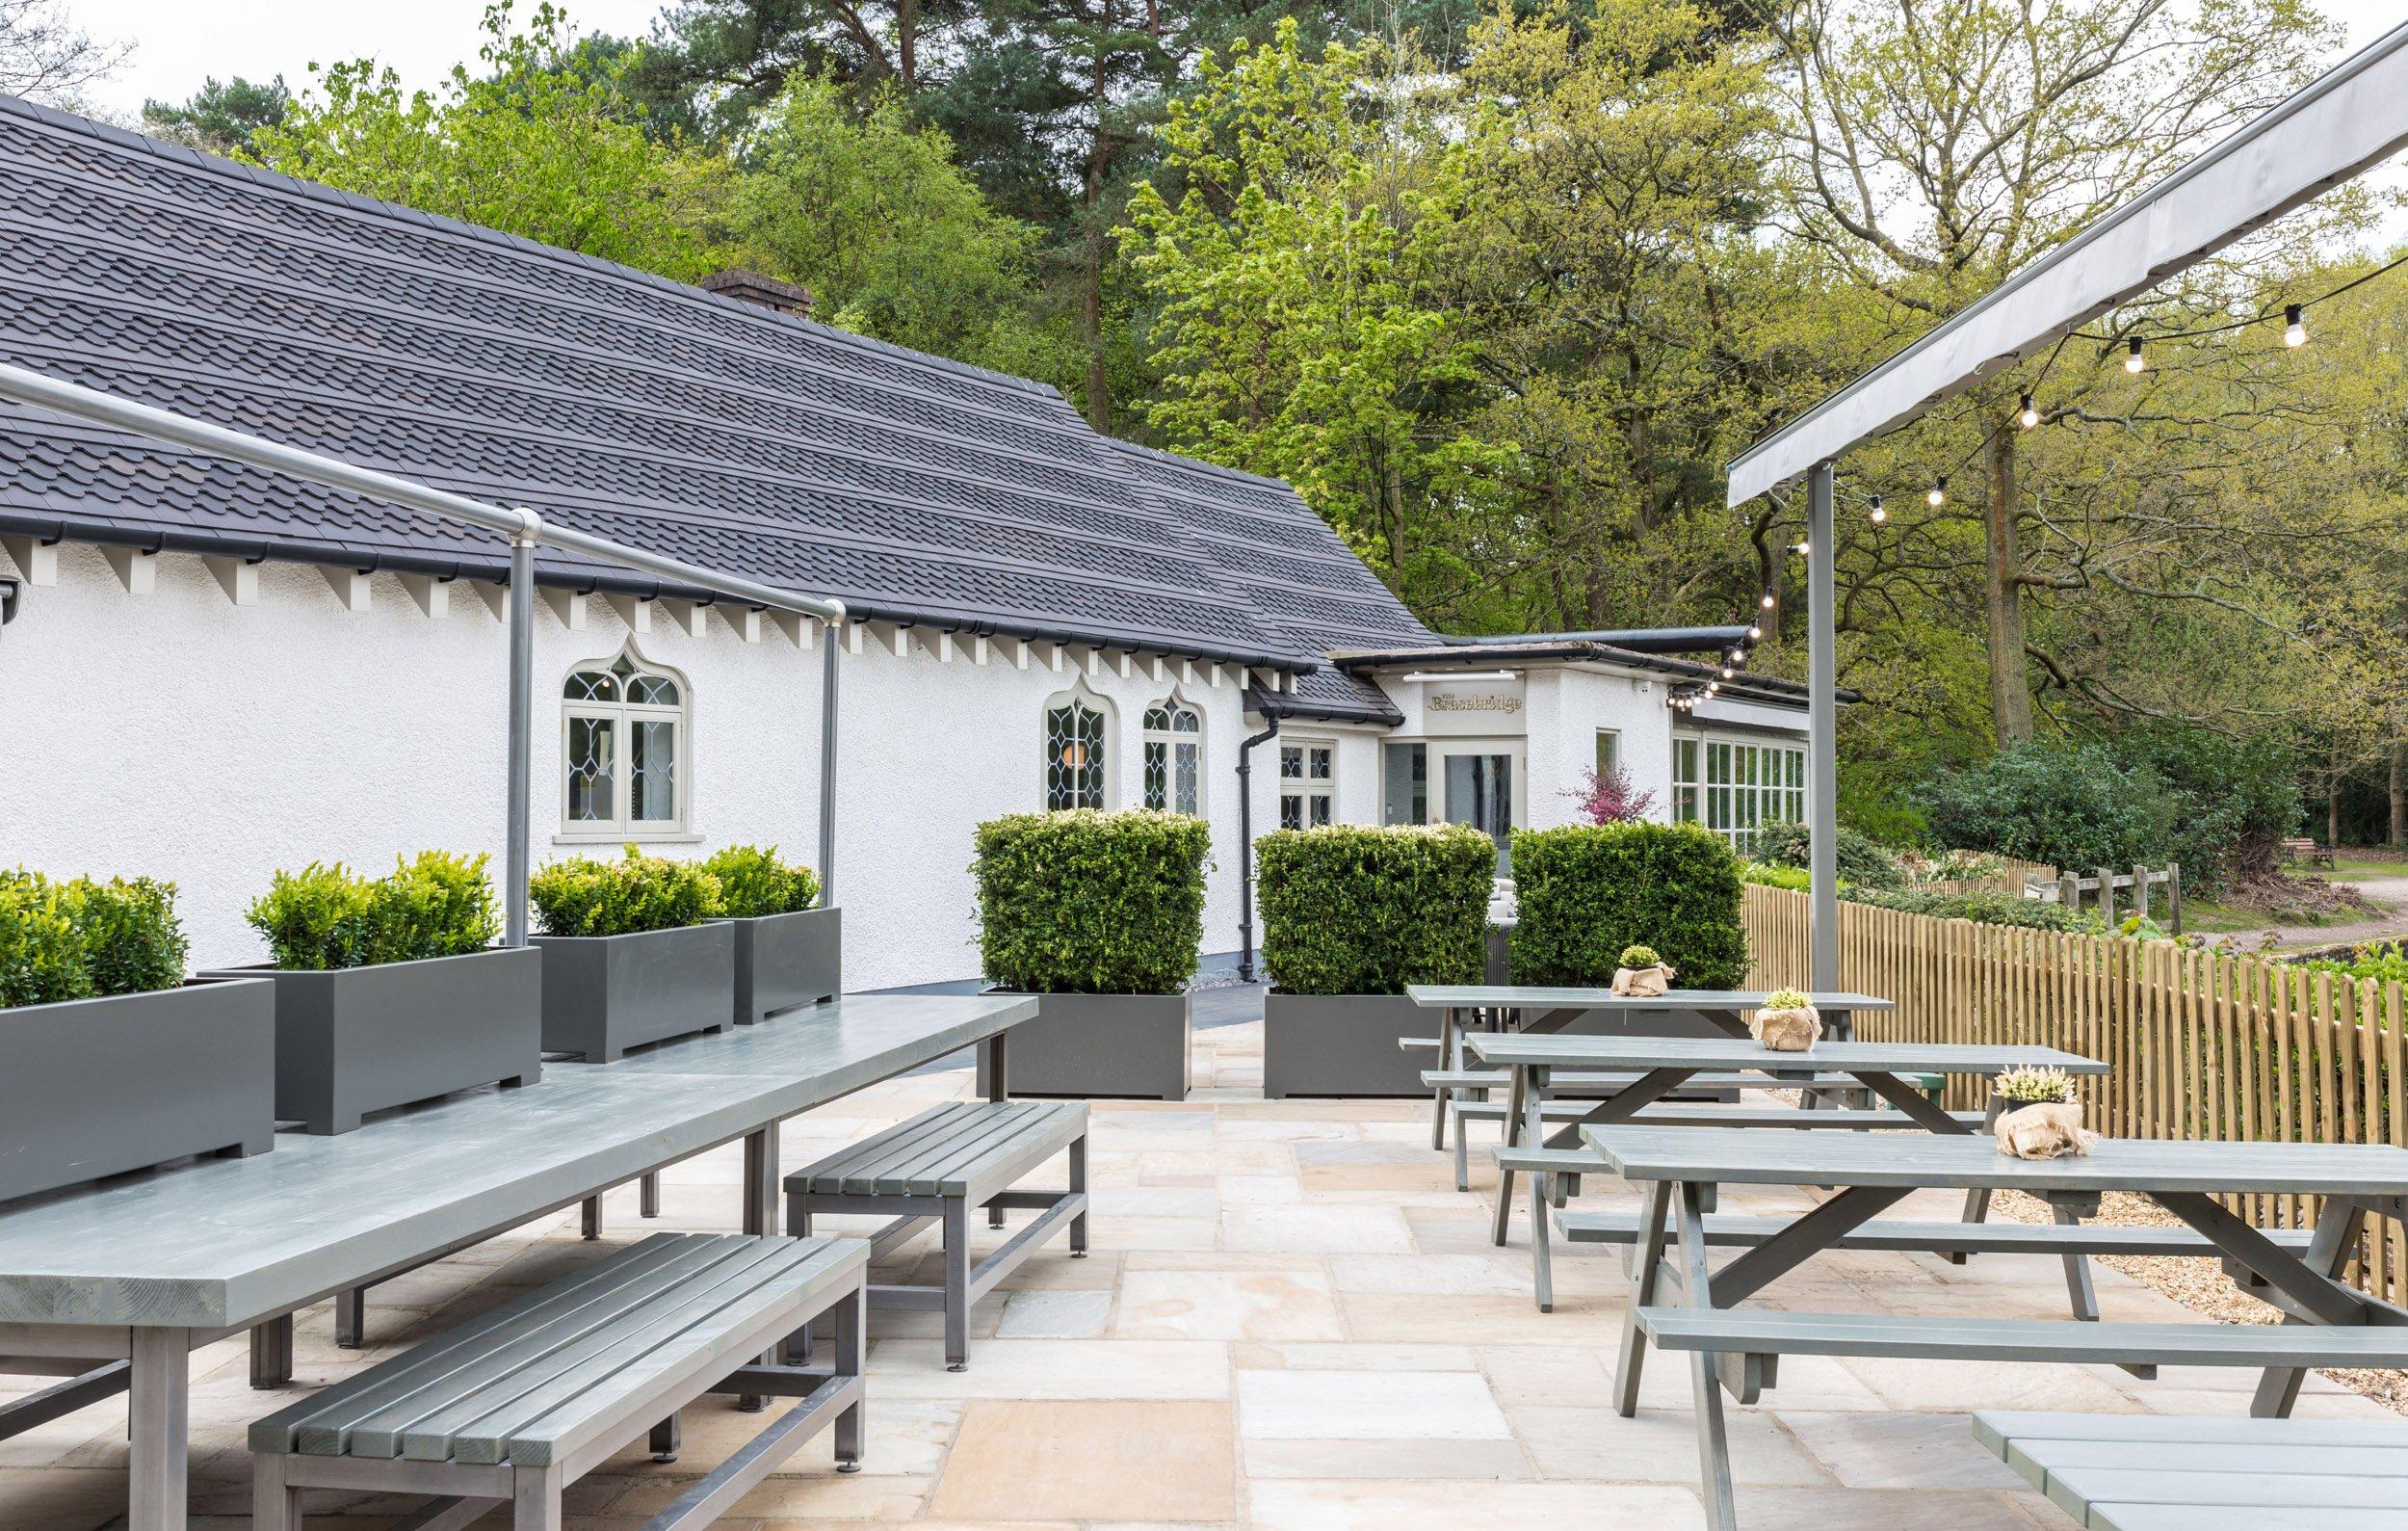 woburn-picnic-table-outsideThe Bracebridge_LR-2